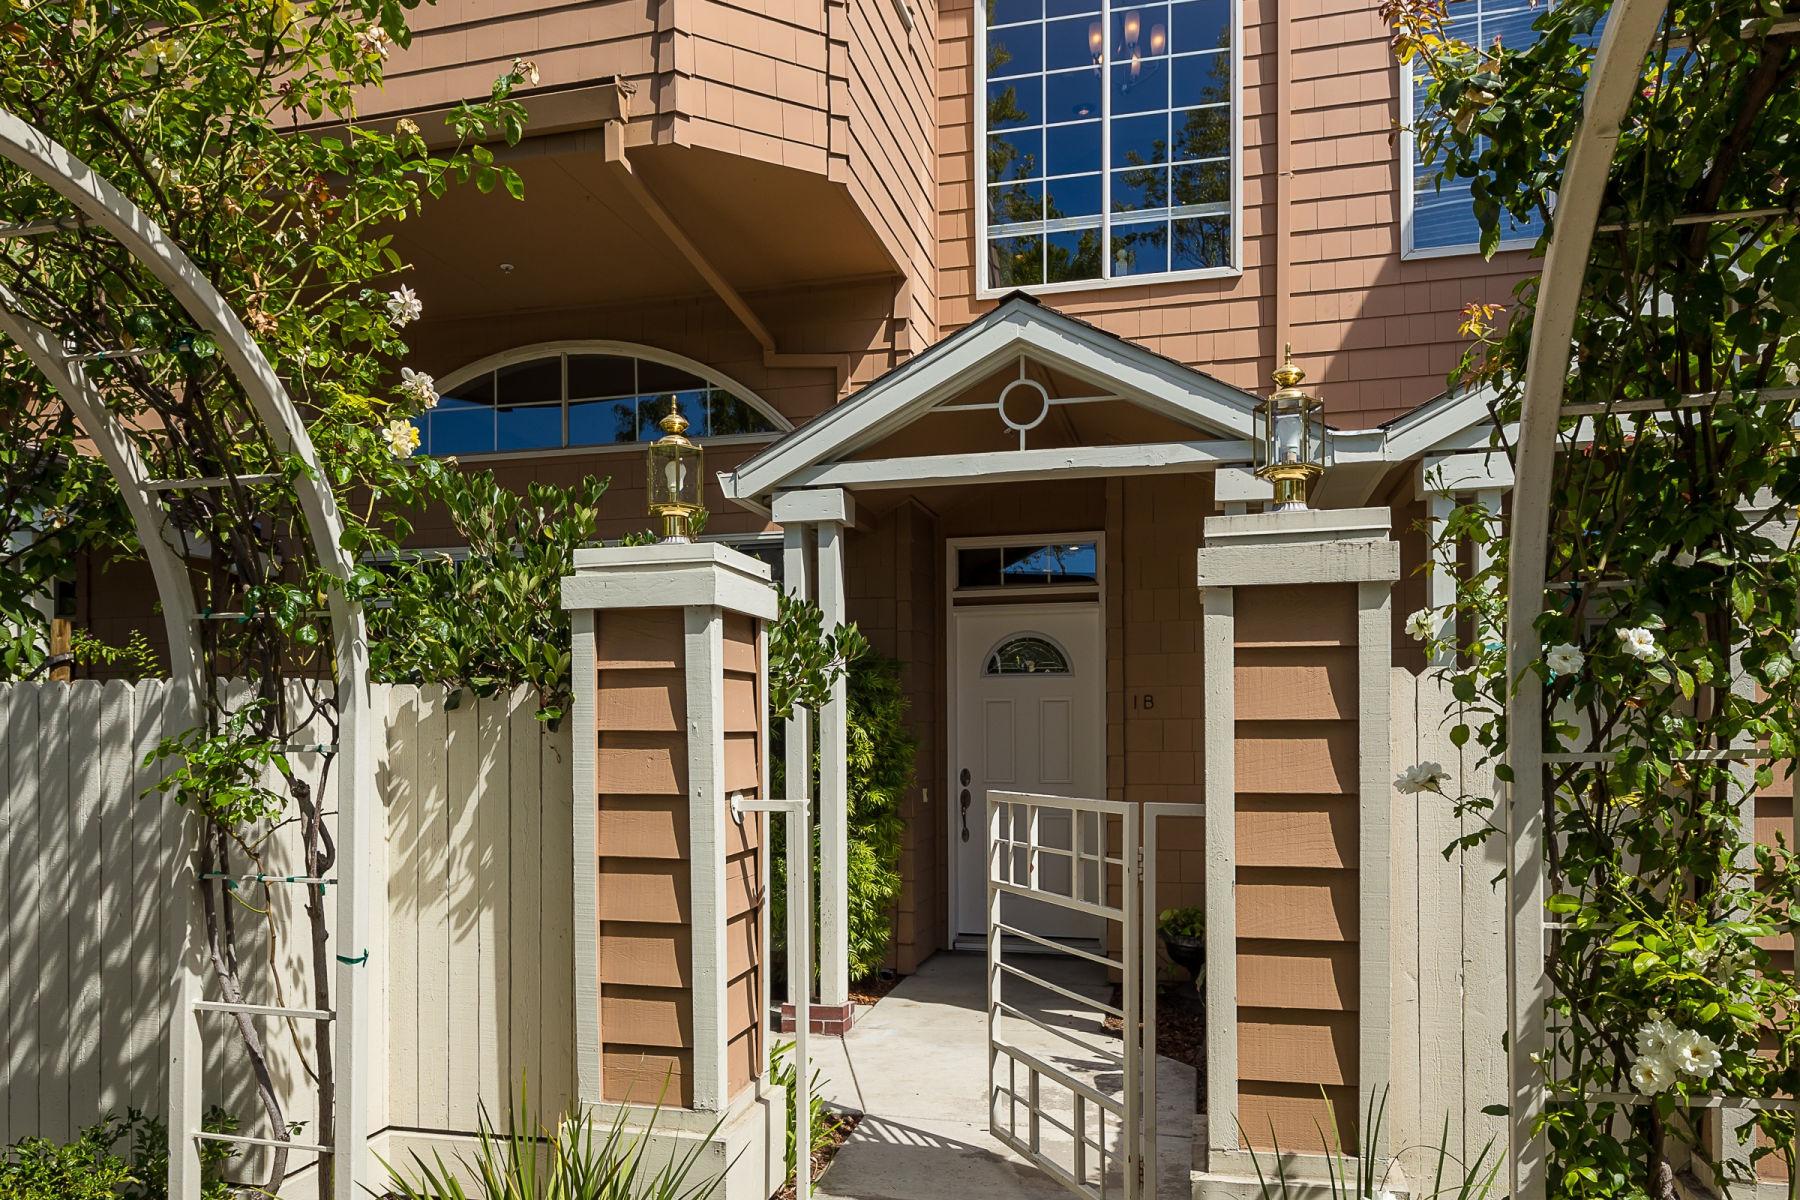 Maison unifamiliale pour l Vente à San Antonio #1B 444 San Antonio #1B Palo Alto, Californie 94306 États-Unis